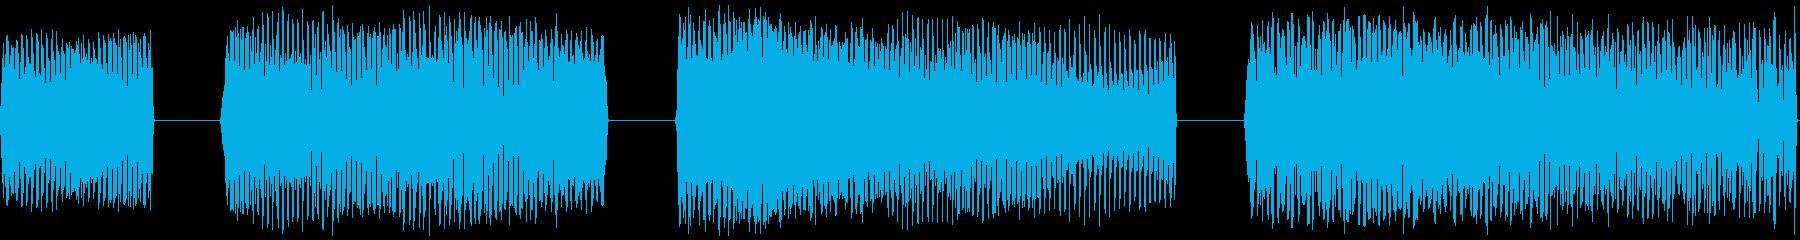 FREQ DOWN、4バージョン、...の再生済みの波形